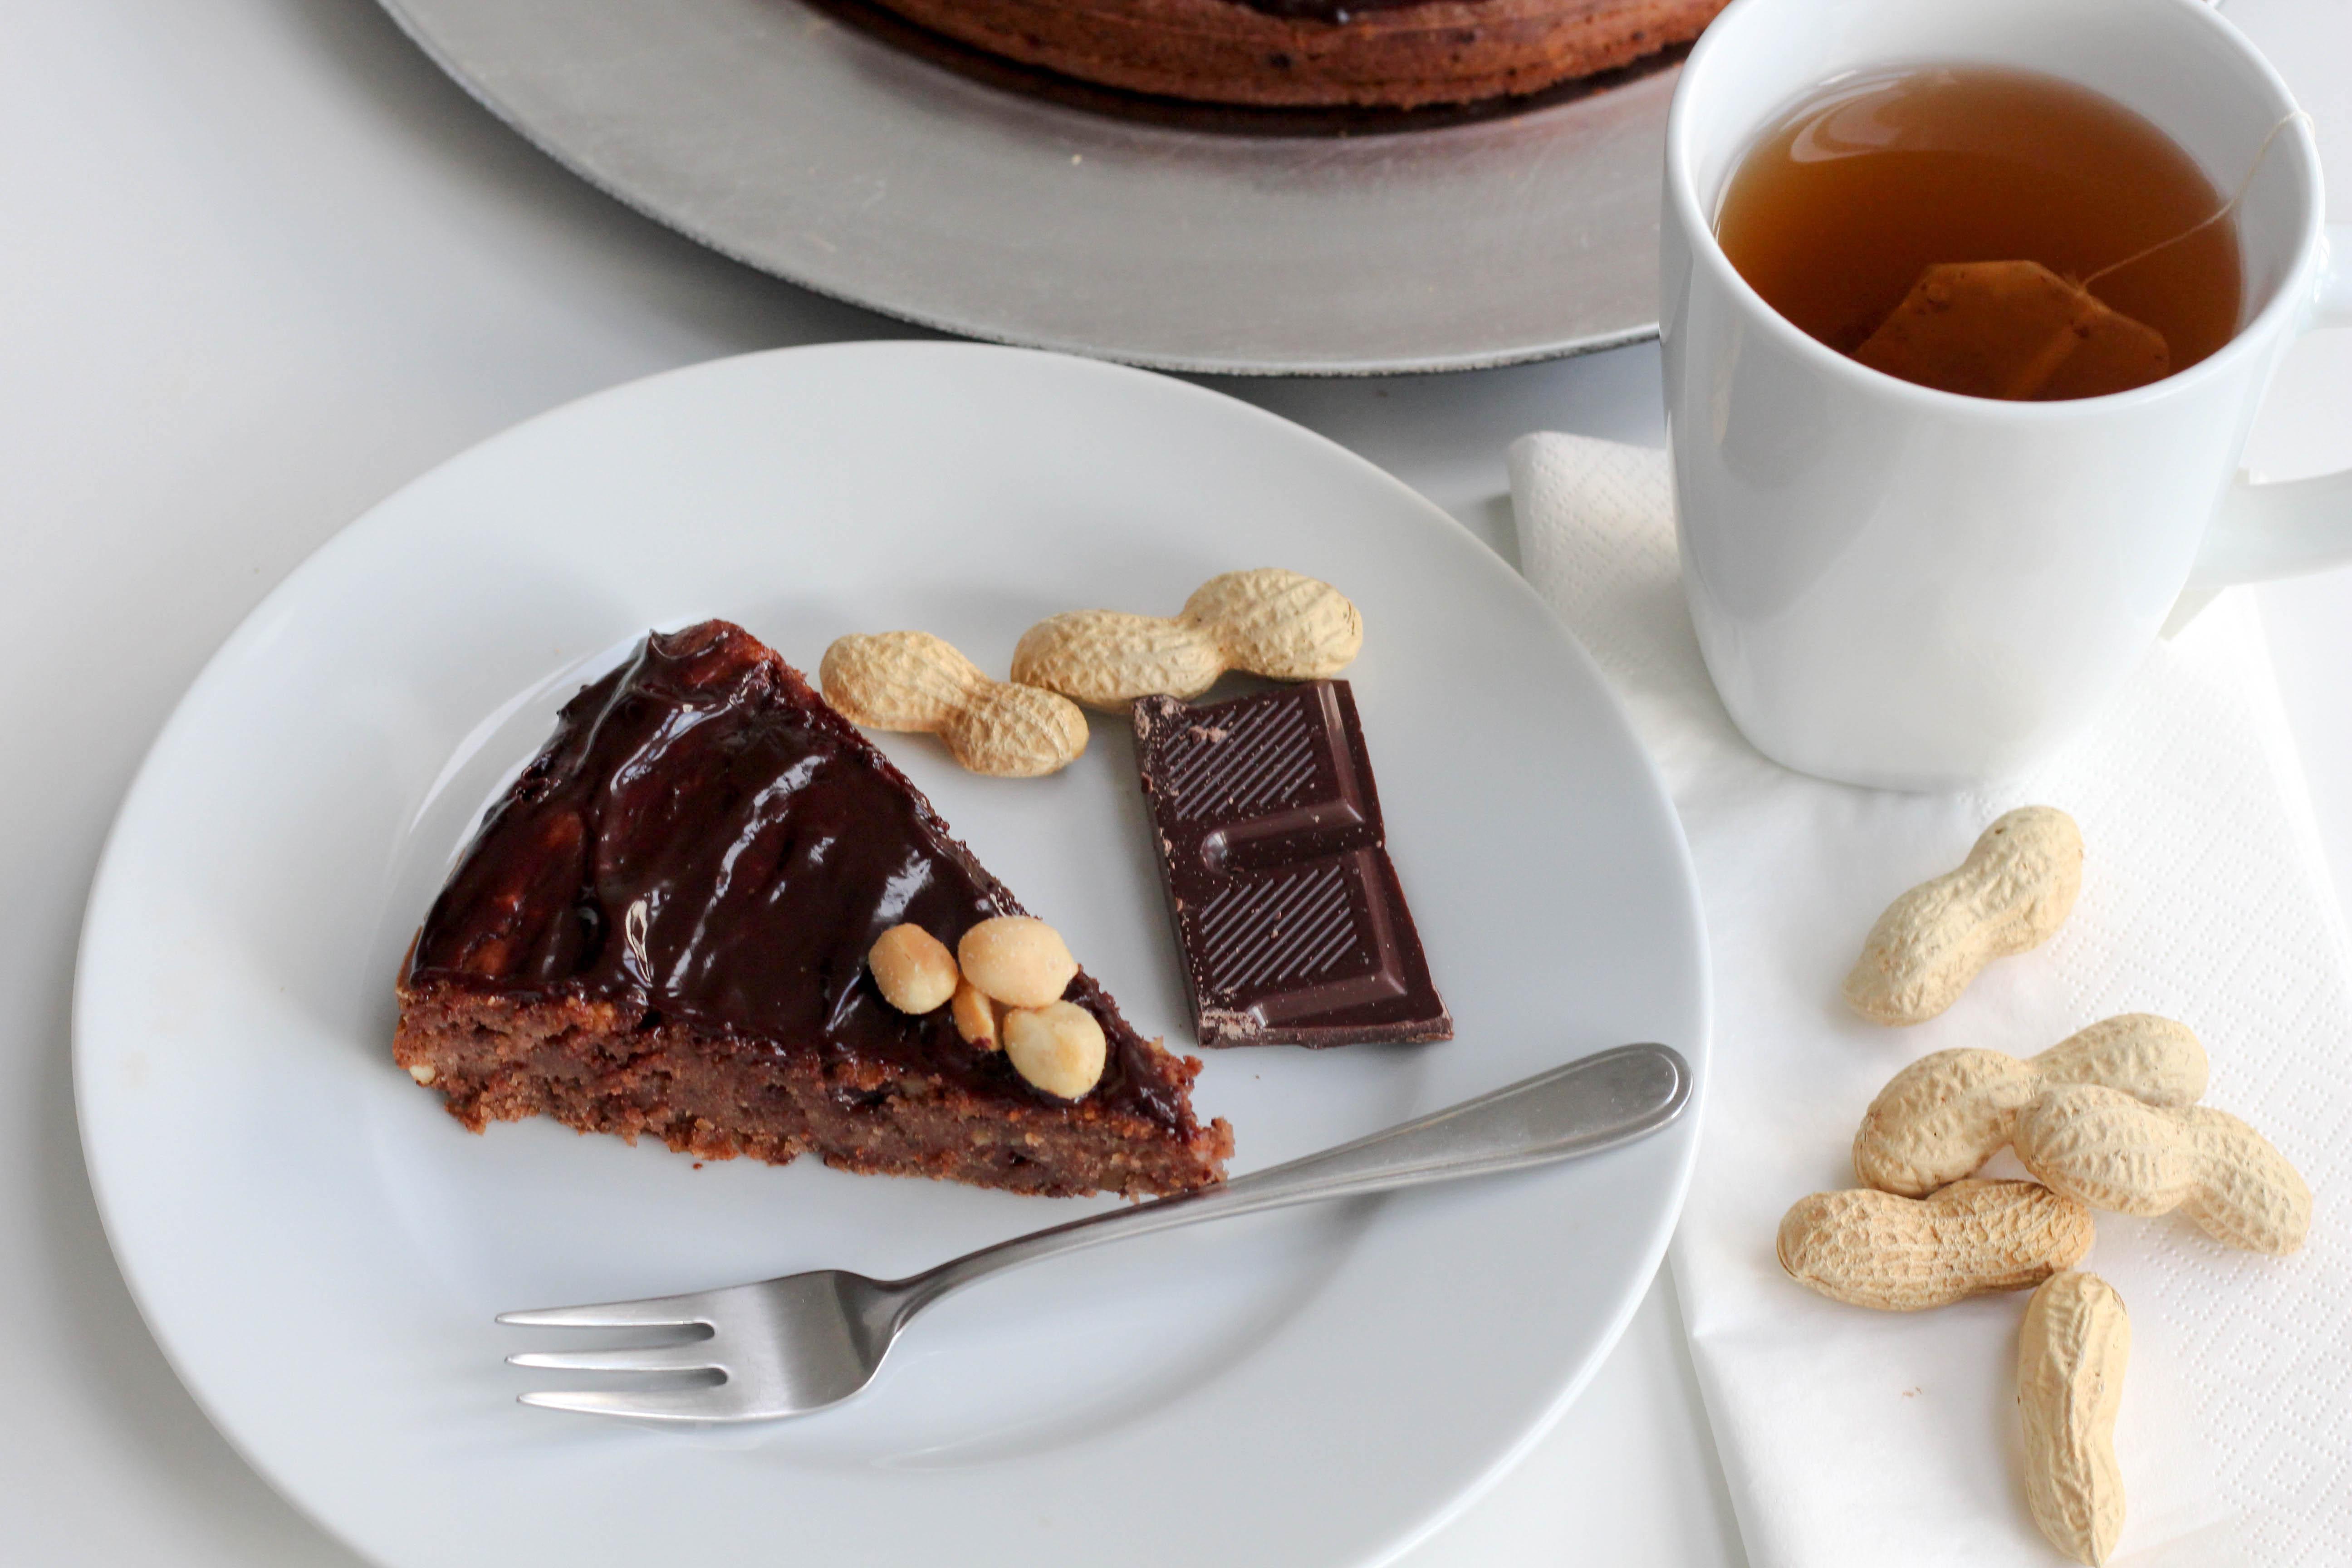 vegan-erdnusskuchen-schokolade-soulfood-homespa-plantbased-1-von-1-6